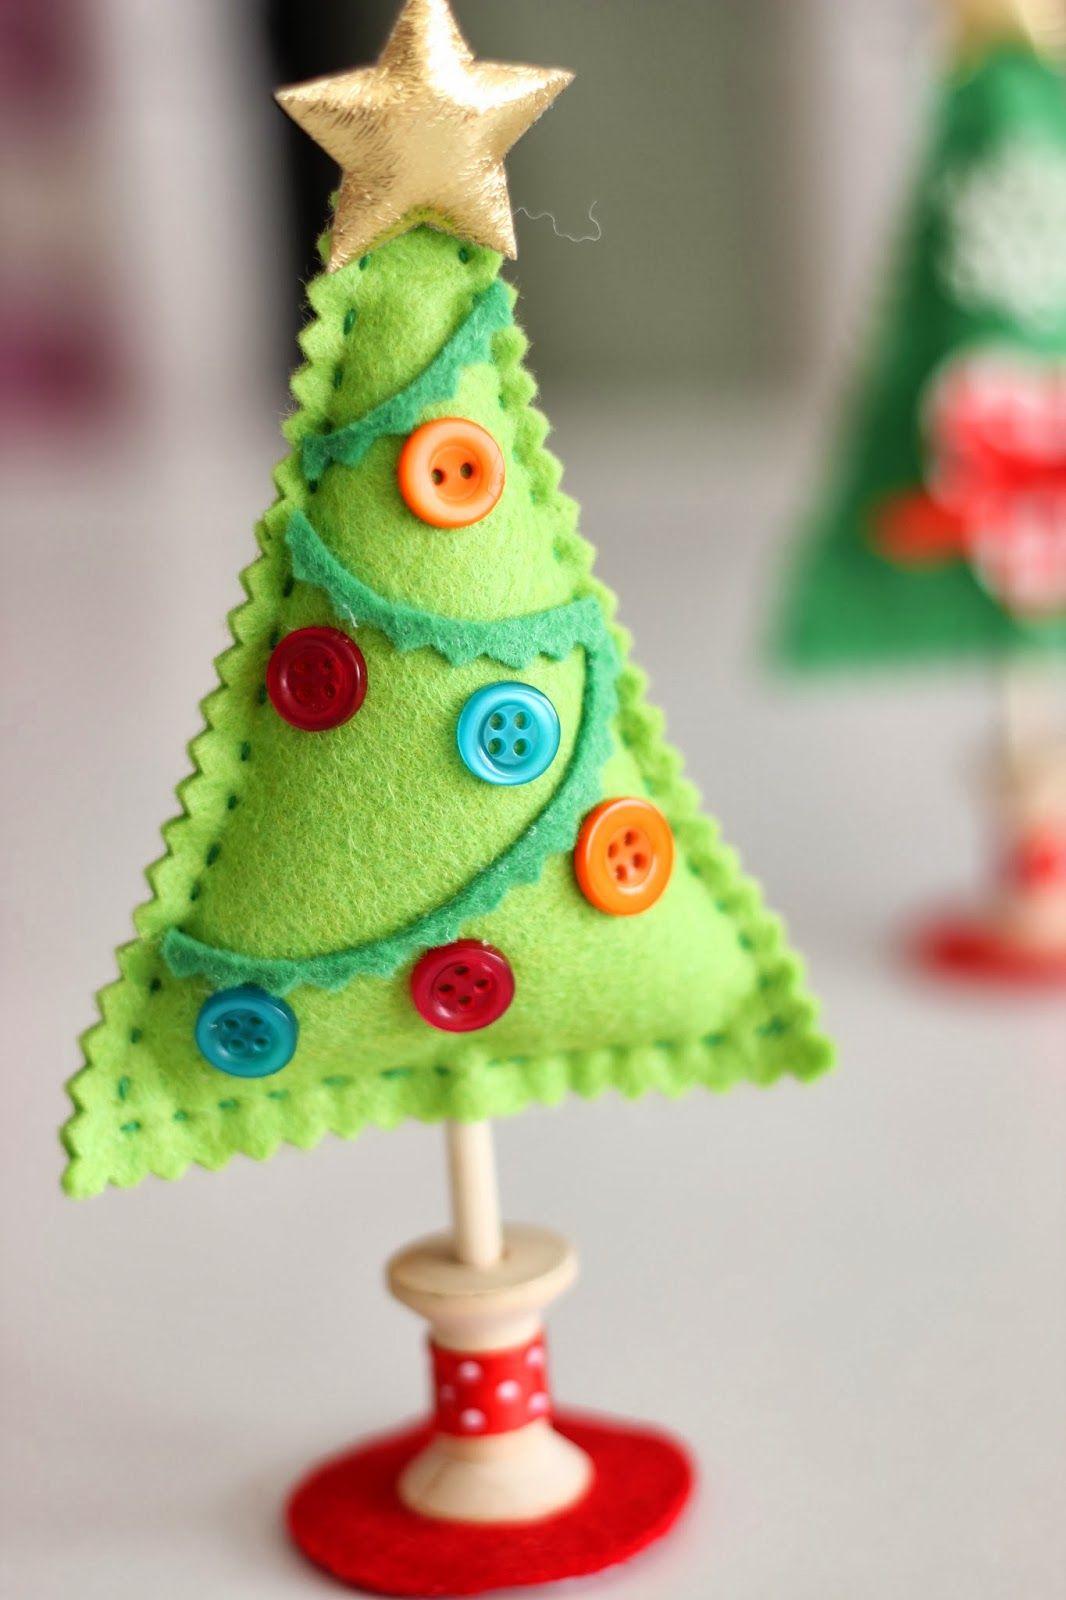 Adornos navide os materiales reciclados navidad for Decoracion navidena artesanal